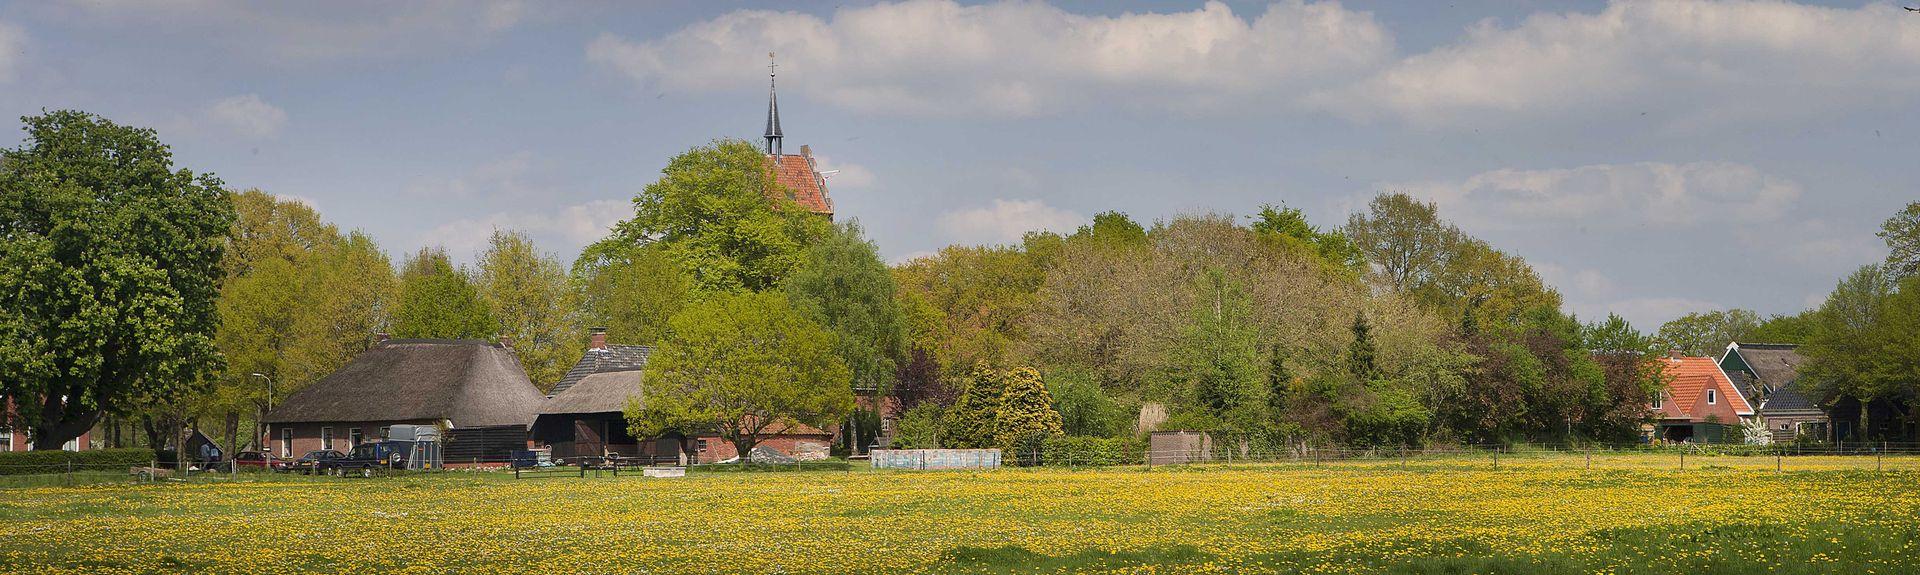 Roden, Netherlands